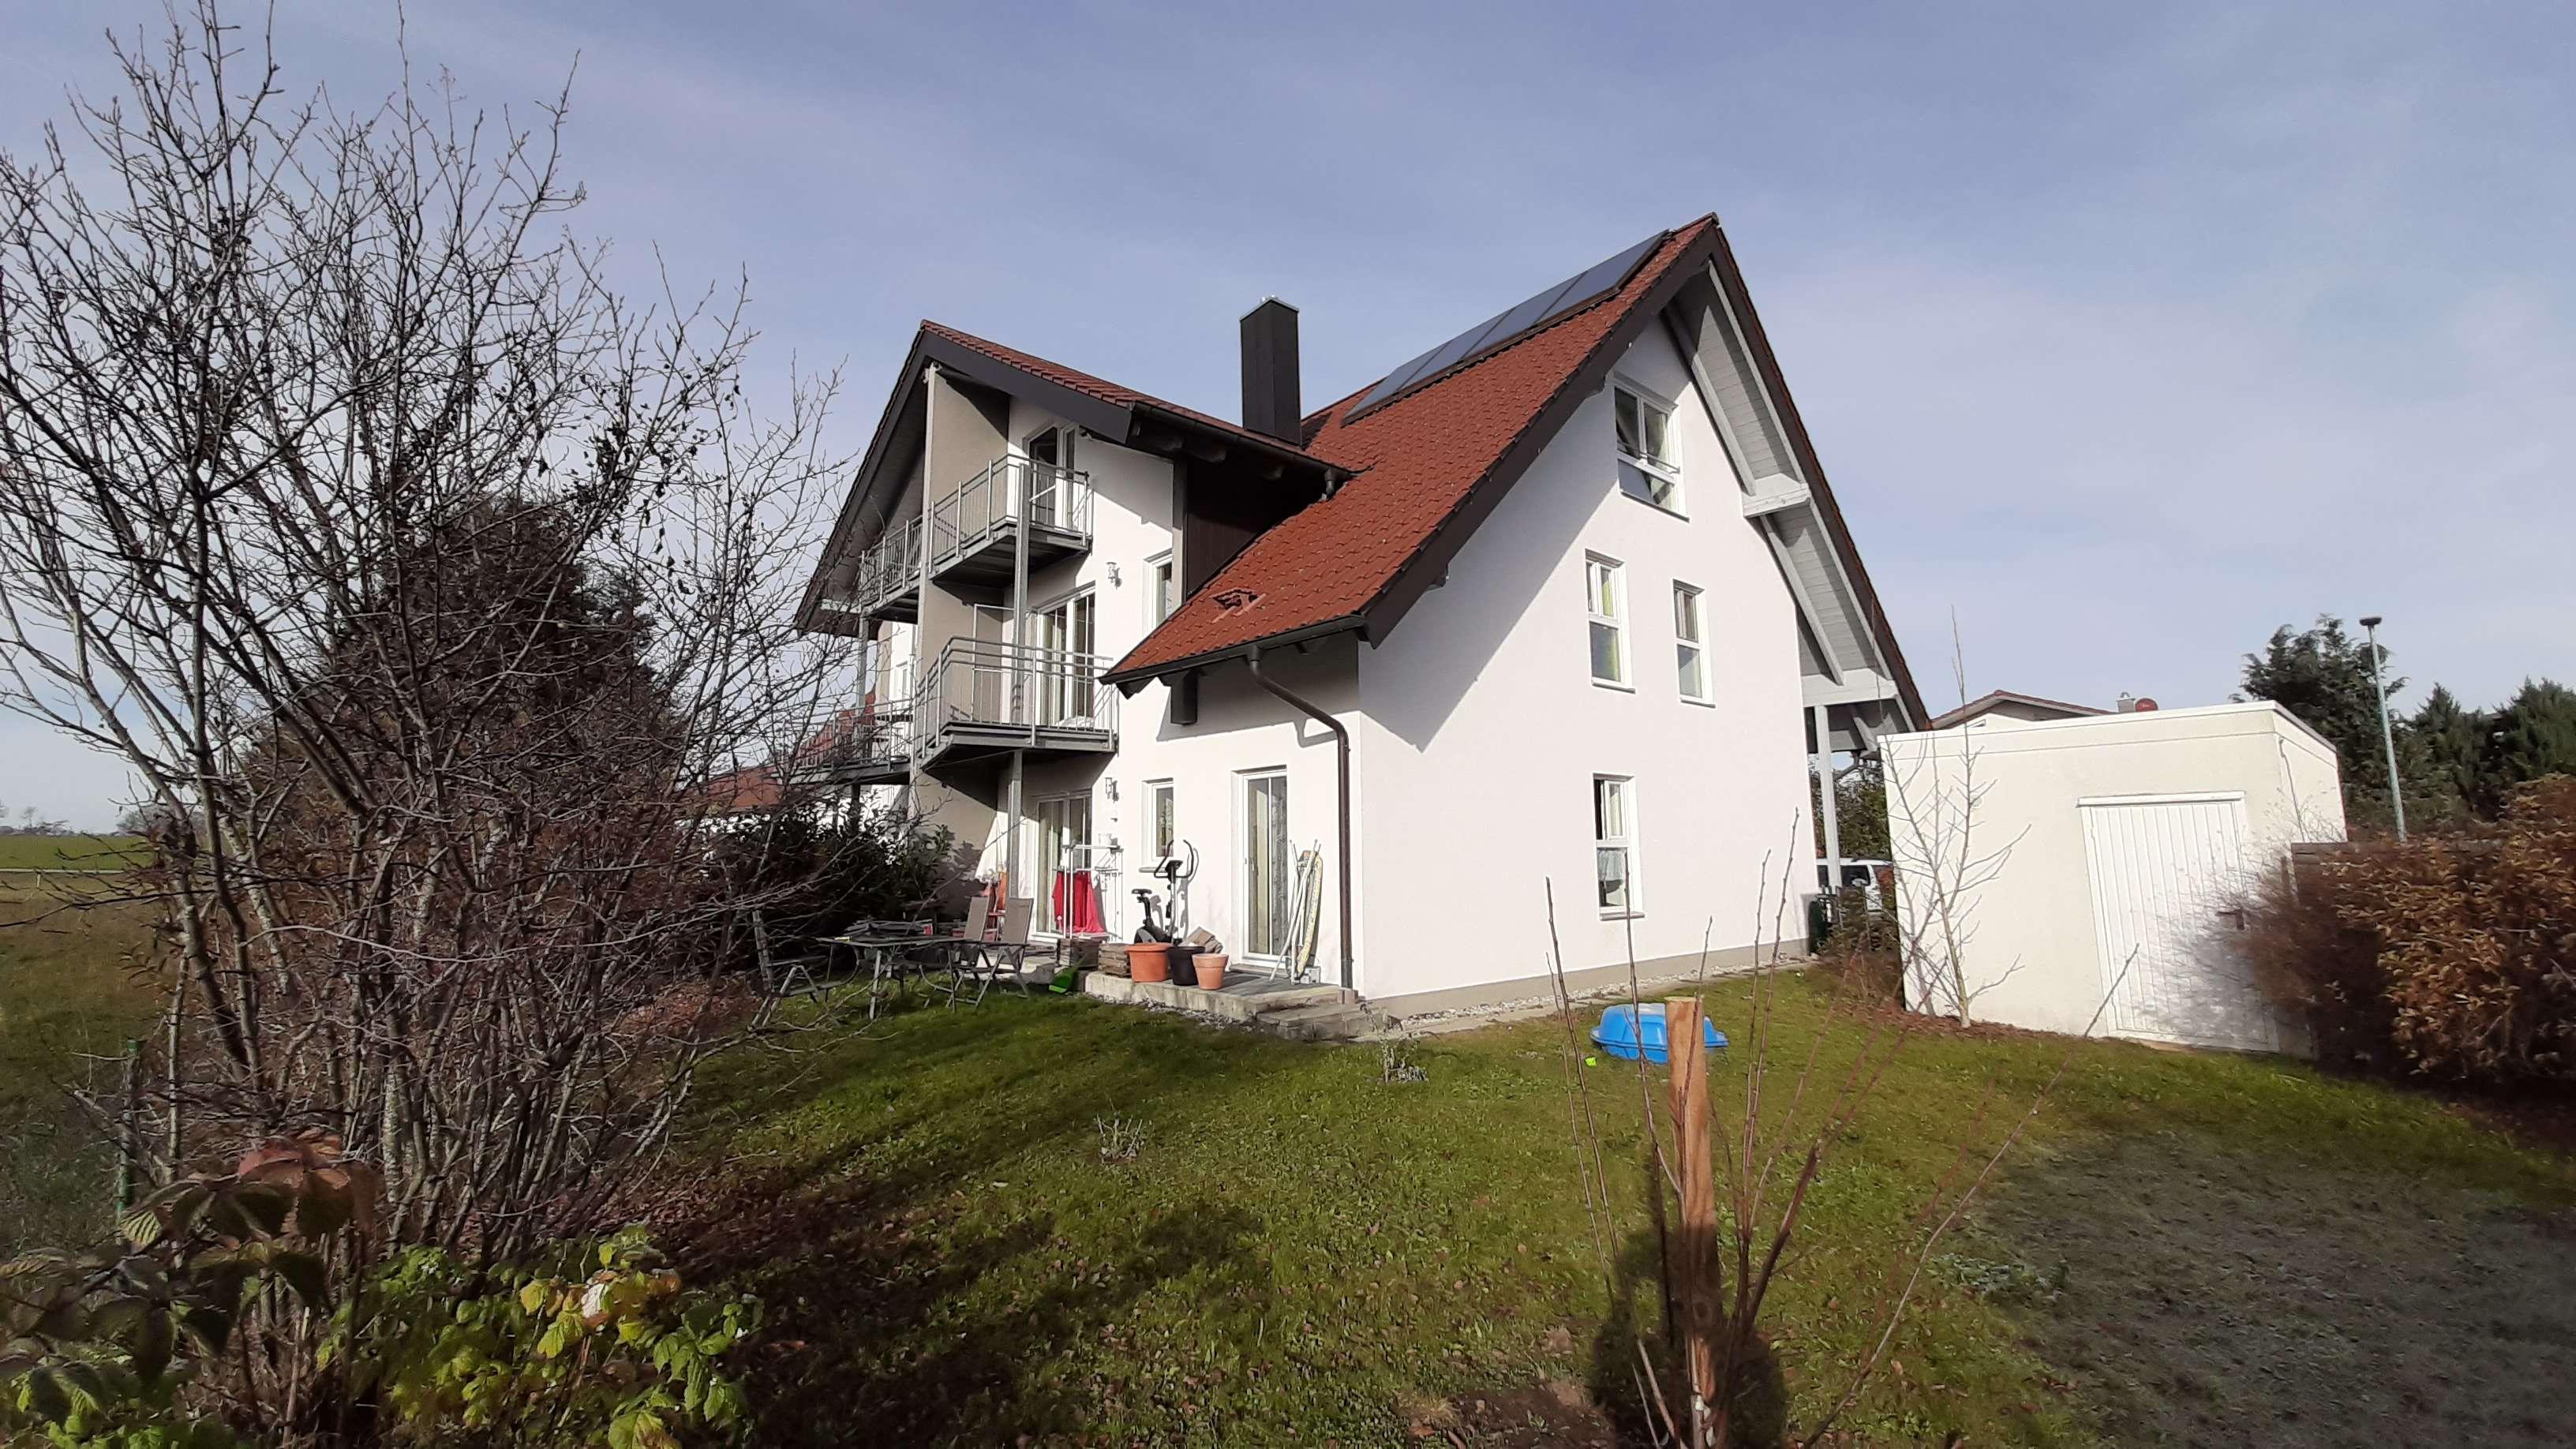 Von privat: Attraktive 4-Zimmer Maisonette Wohnung am südlichen Ortsrand von Lengefeld (Pürgen) in